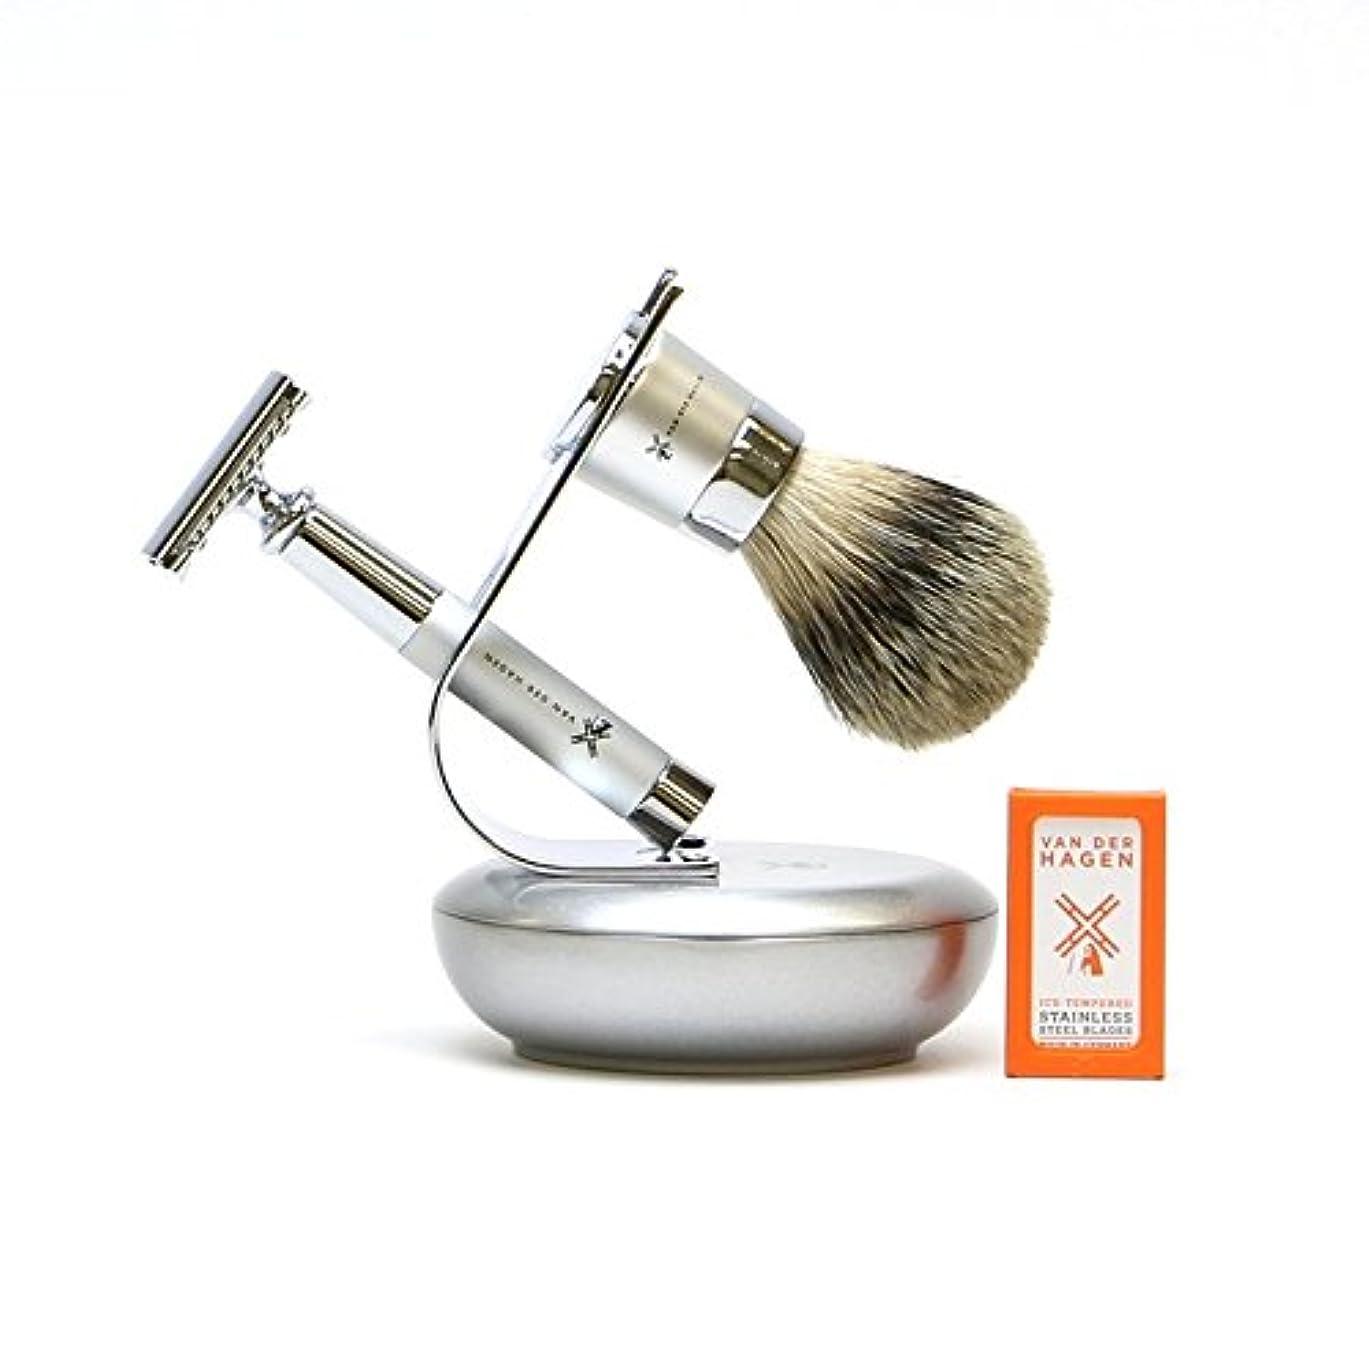 引き算ハードリングビバVANDERHAGEN(米) ウェットシェービングセット ジェットセット 両刃 髭剃り 替刃5枚付